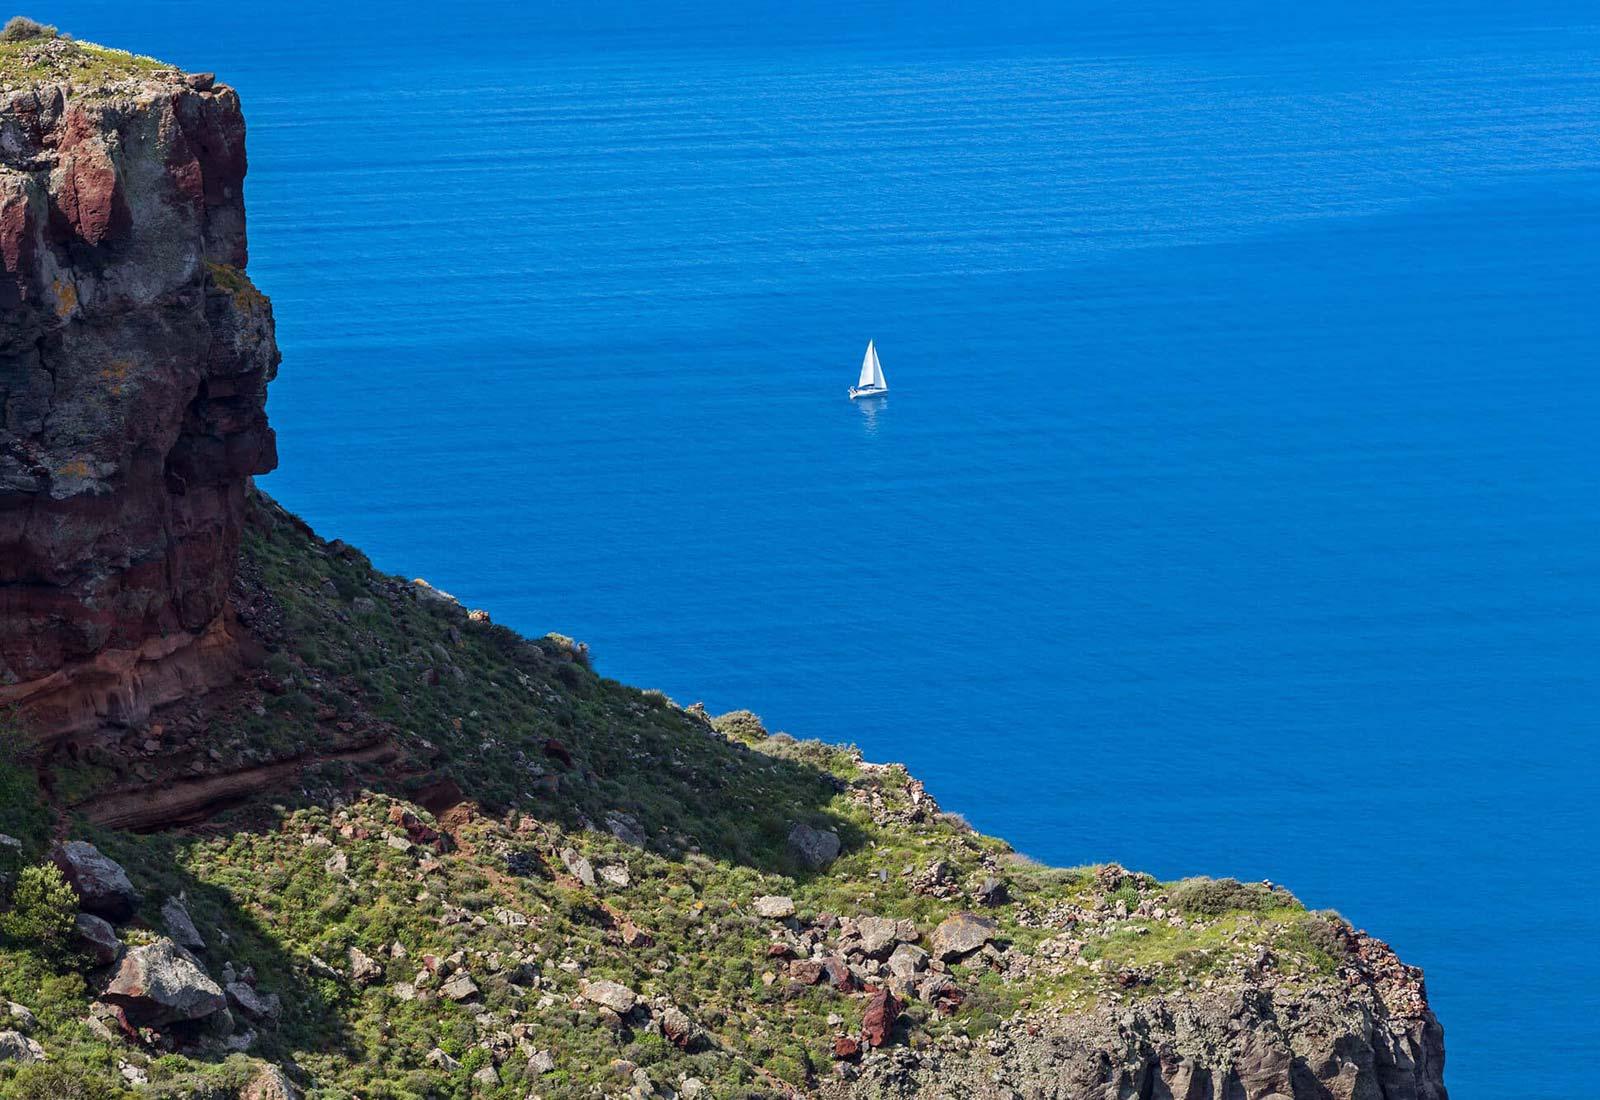 Hiking -Skaros Cliff